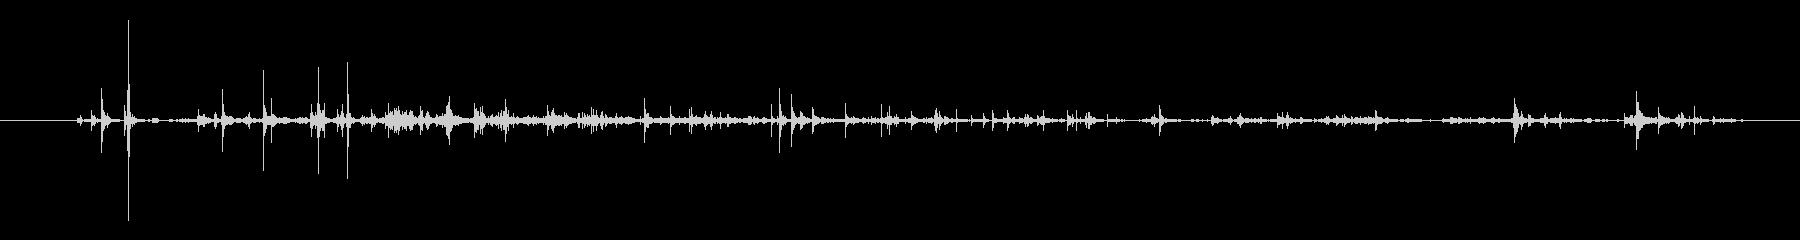 紙 トランプドロップ02の未再生の波形